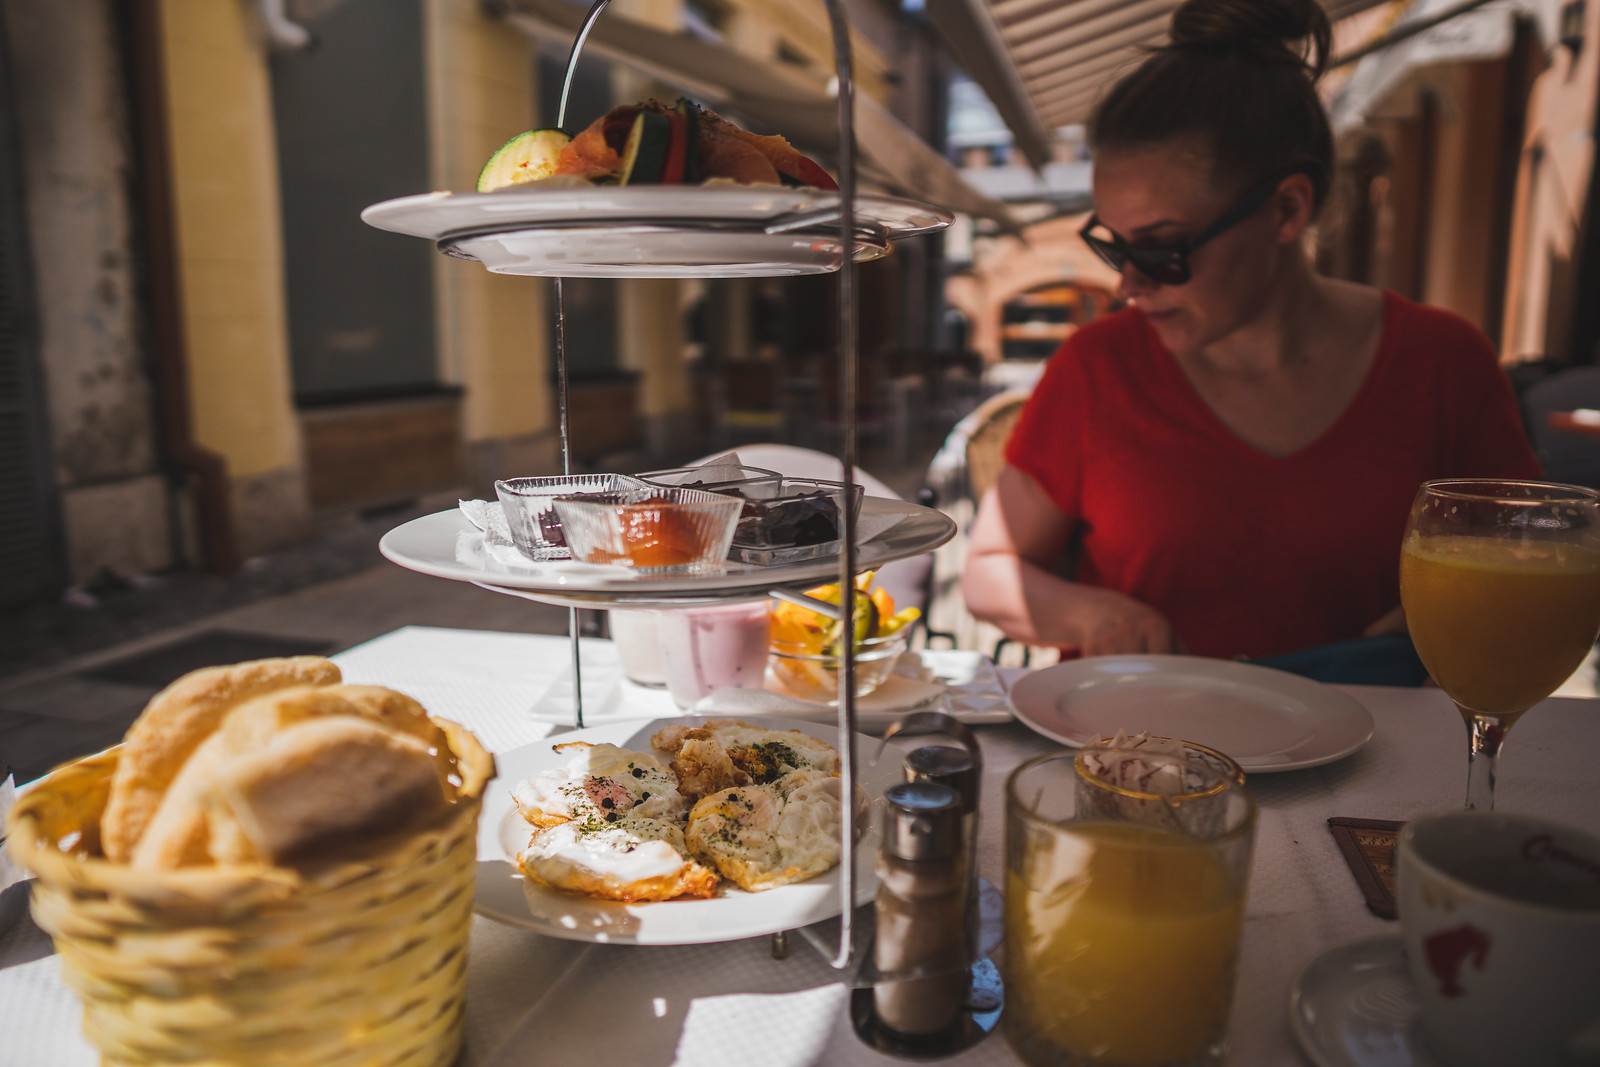 Tuhti aamiainen vanhassa kaupungissa